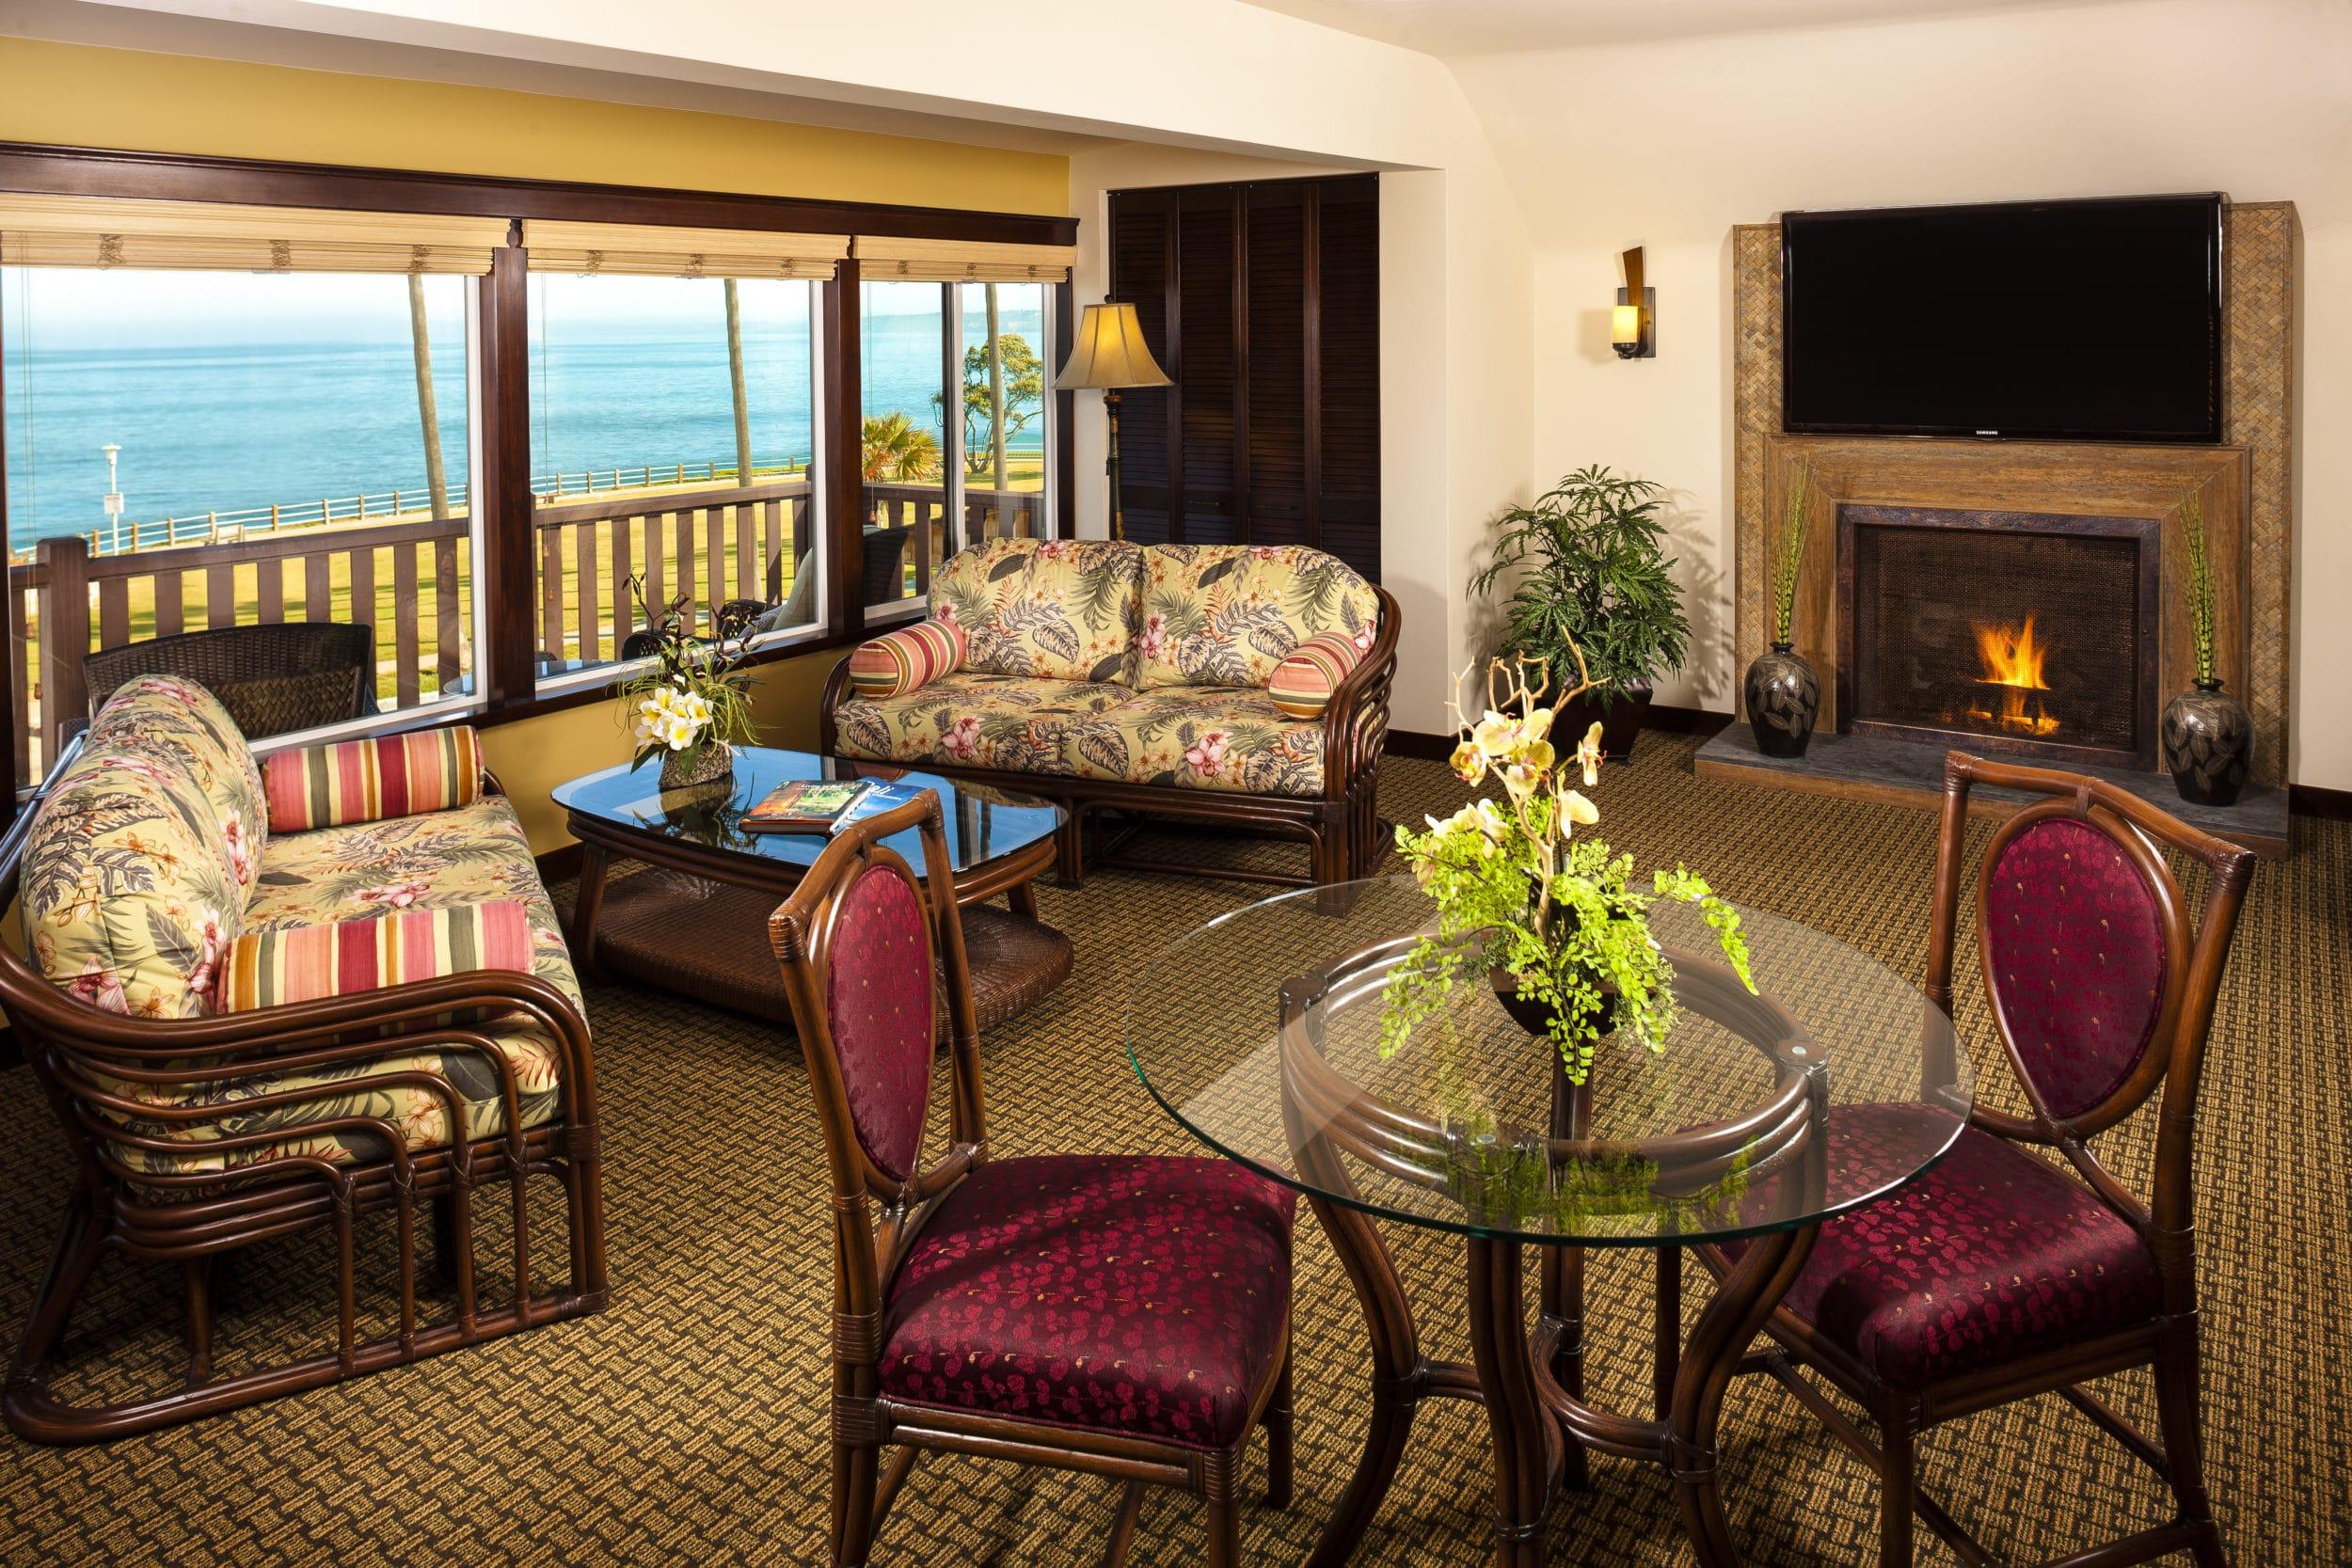 San Diego hotels for big families: Pantai Inn